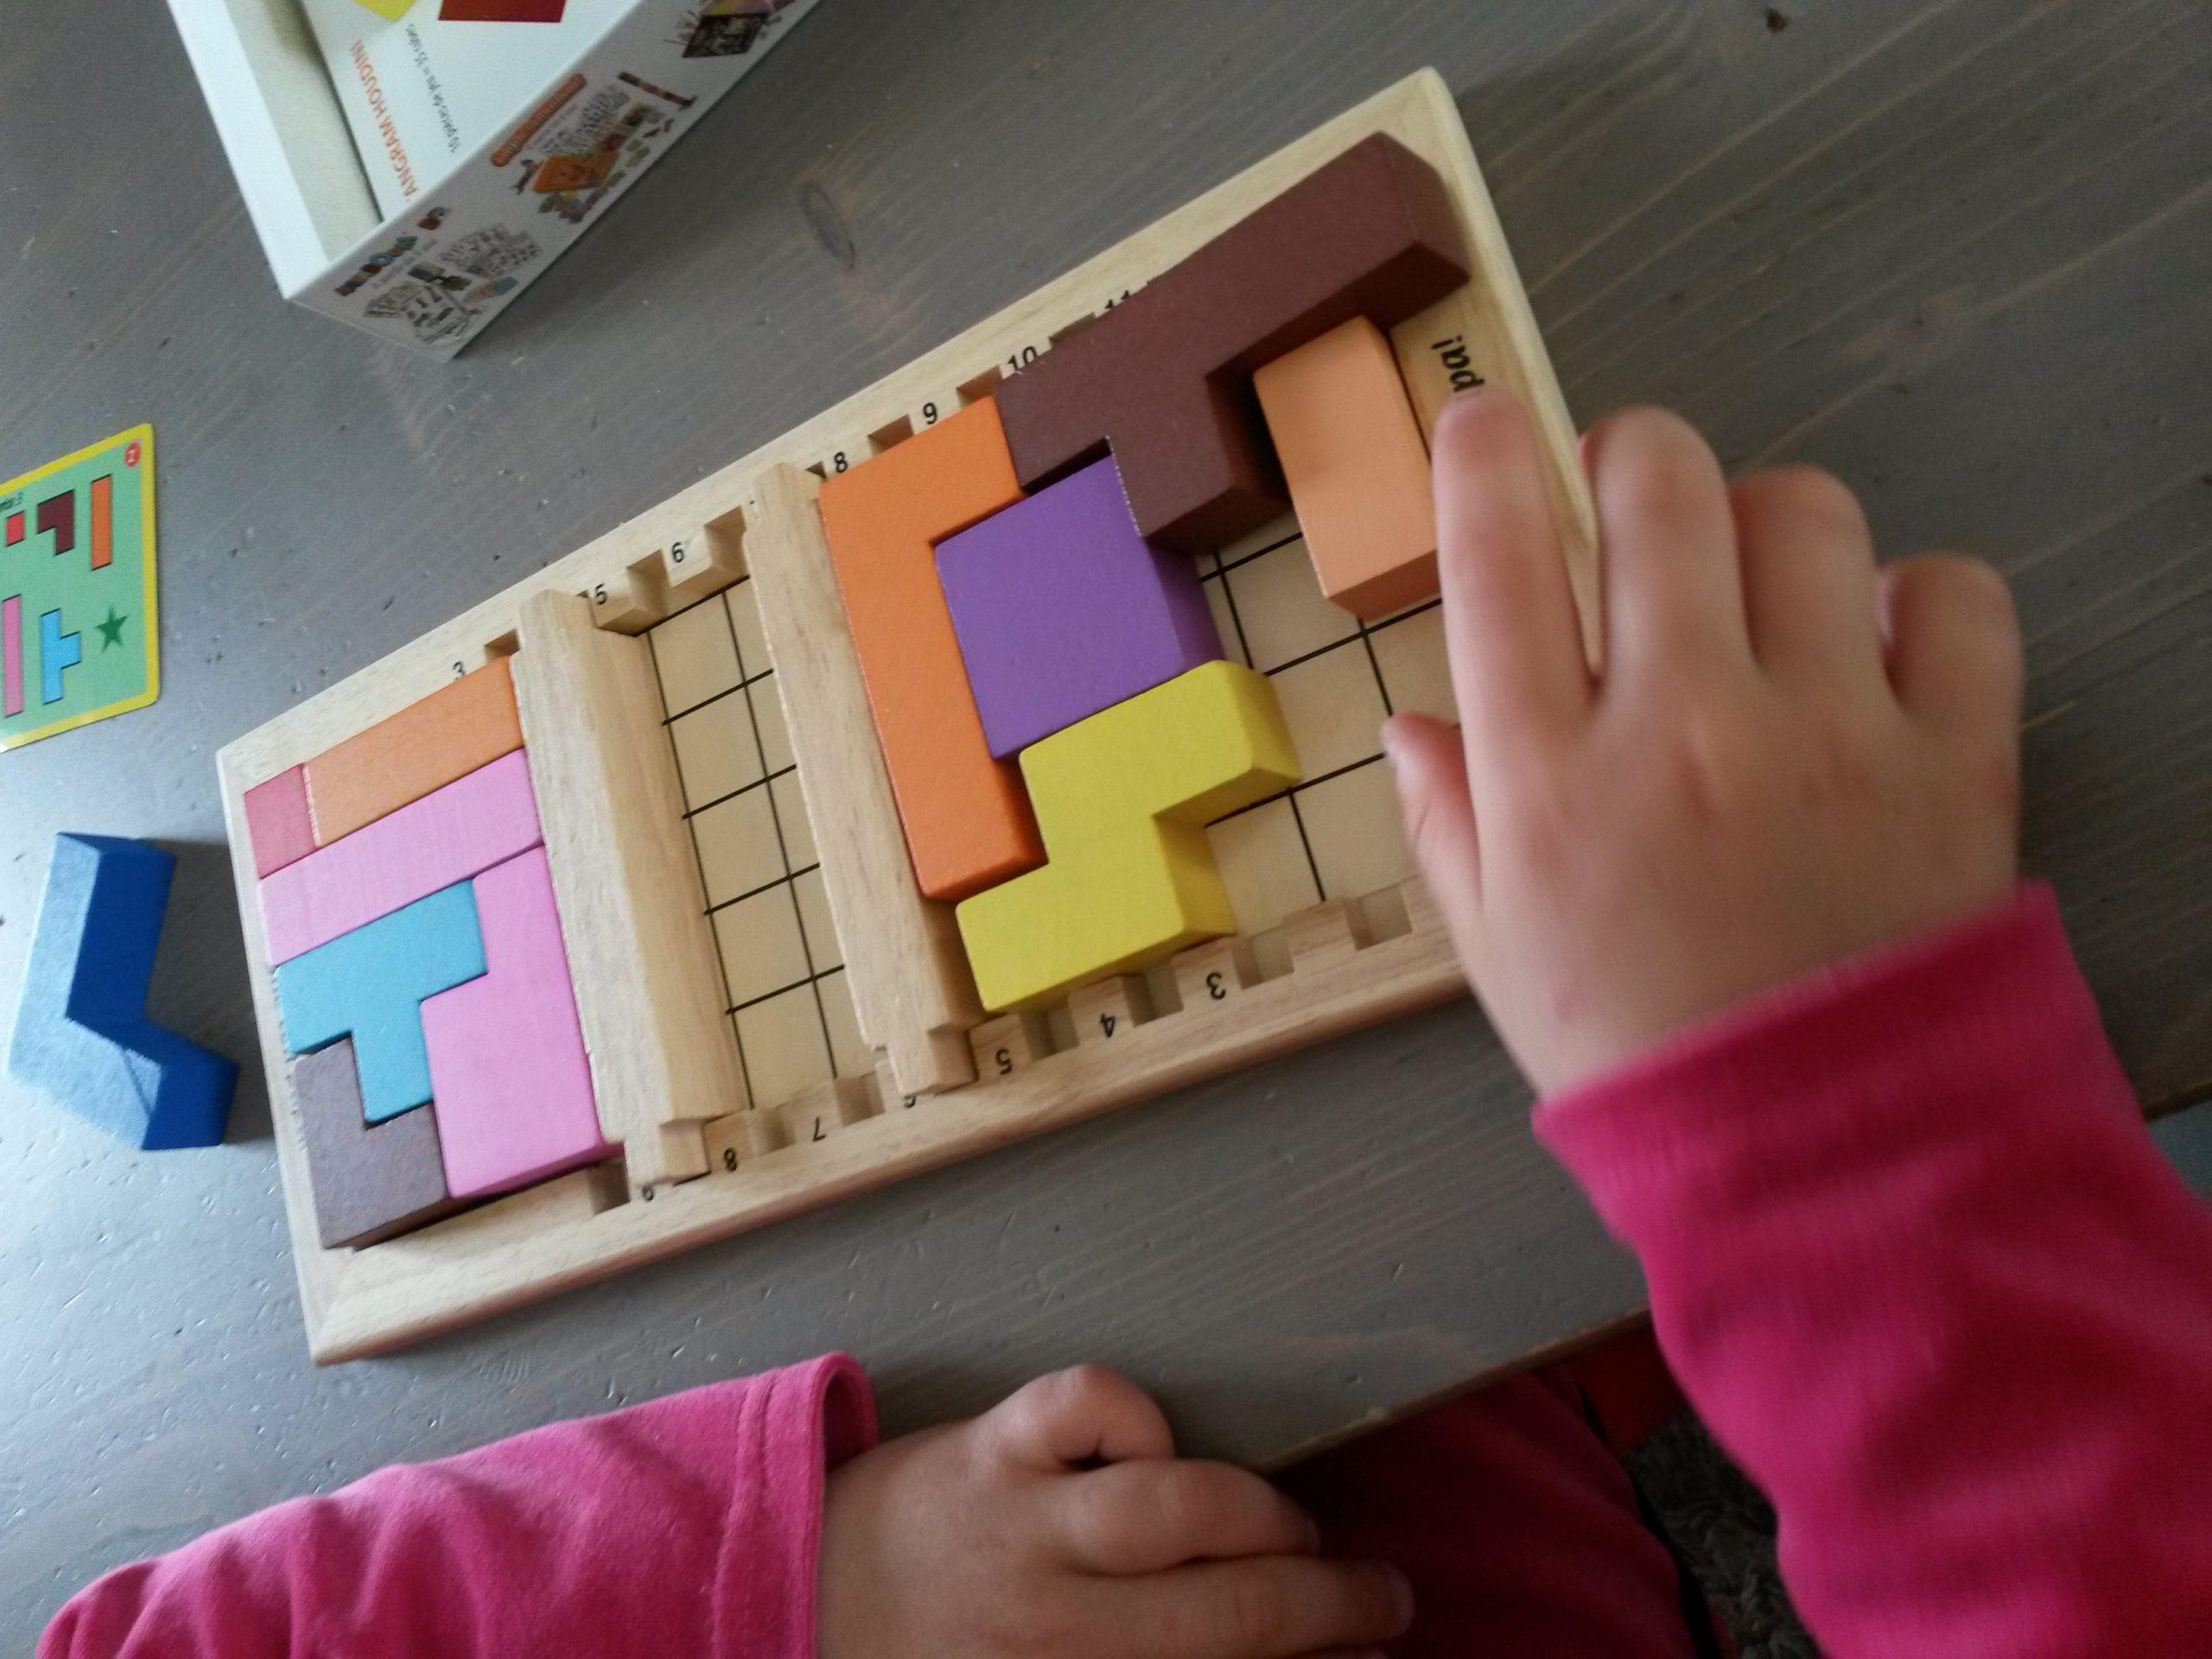 Le Jeu De Logique Et De Réflexion Pour Les Petits Et Les Grands concernant Jeu Logique Enfant